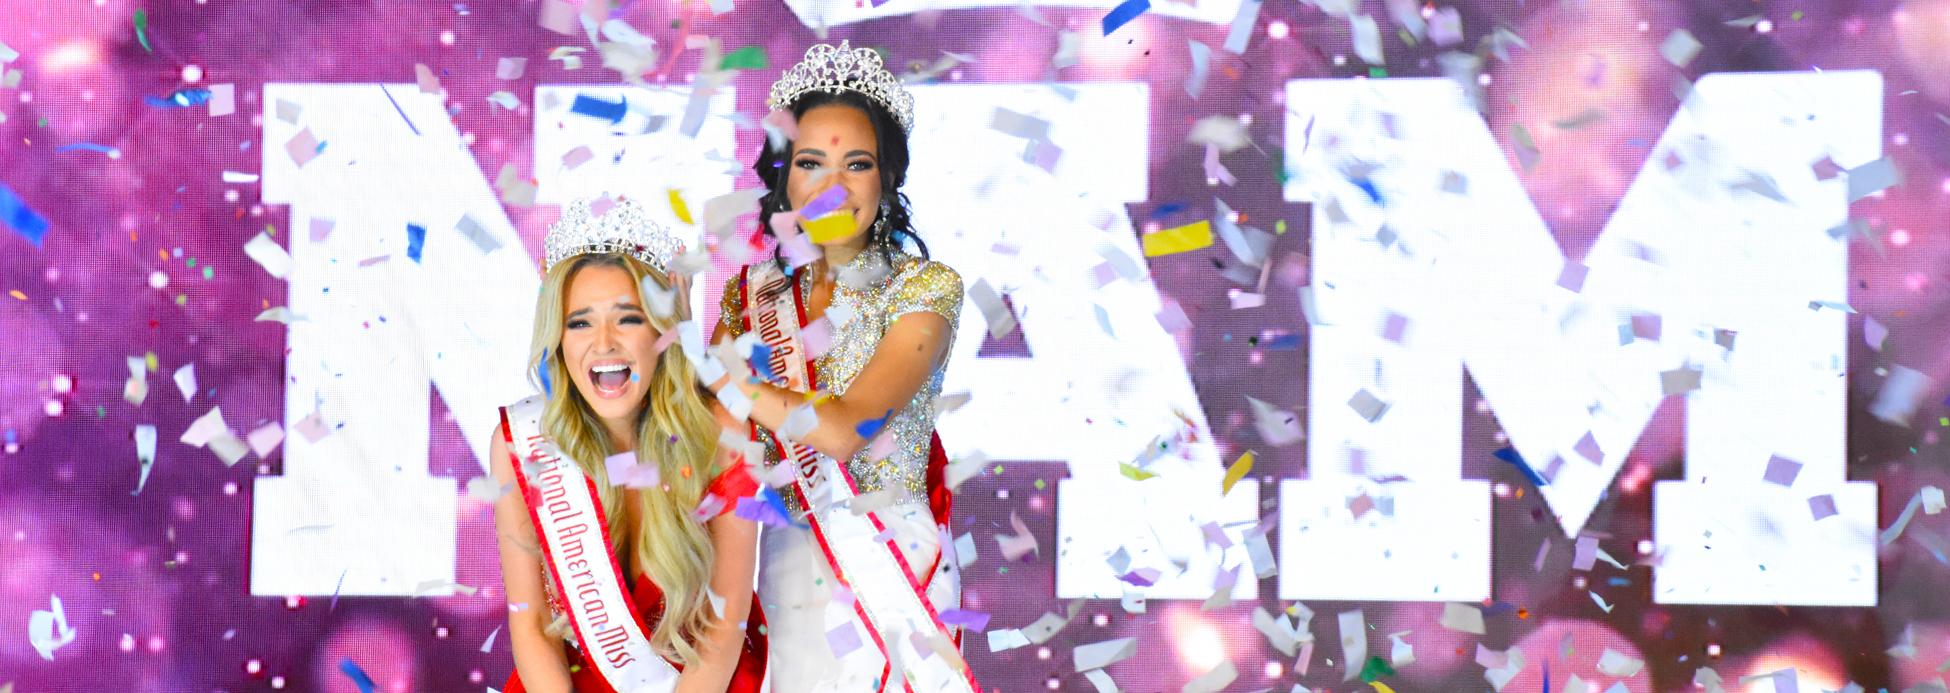 National American Miss - National American Miss Pageant - NAMiss